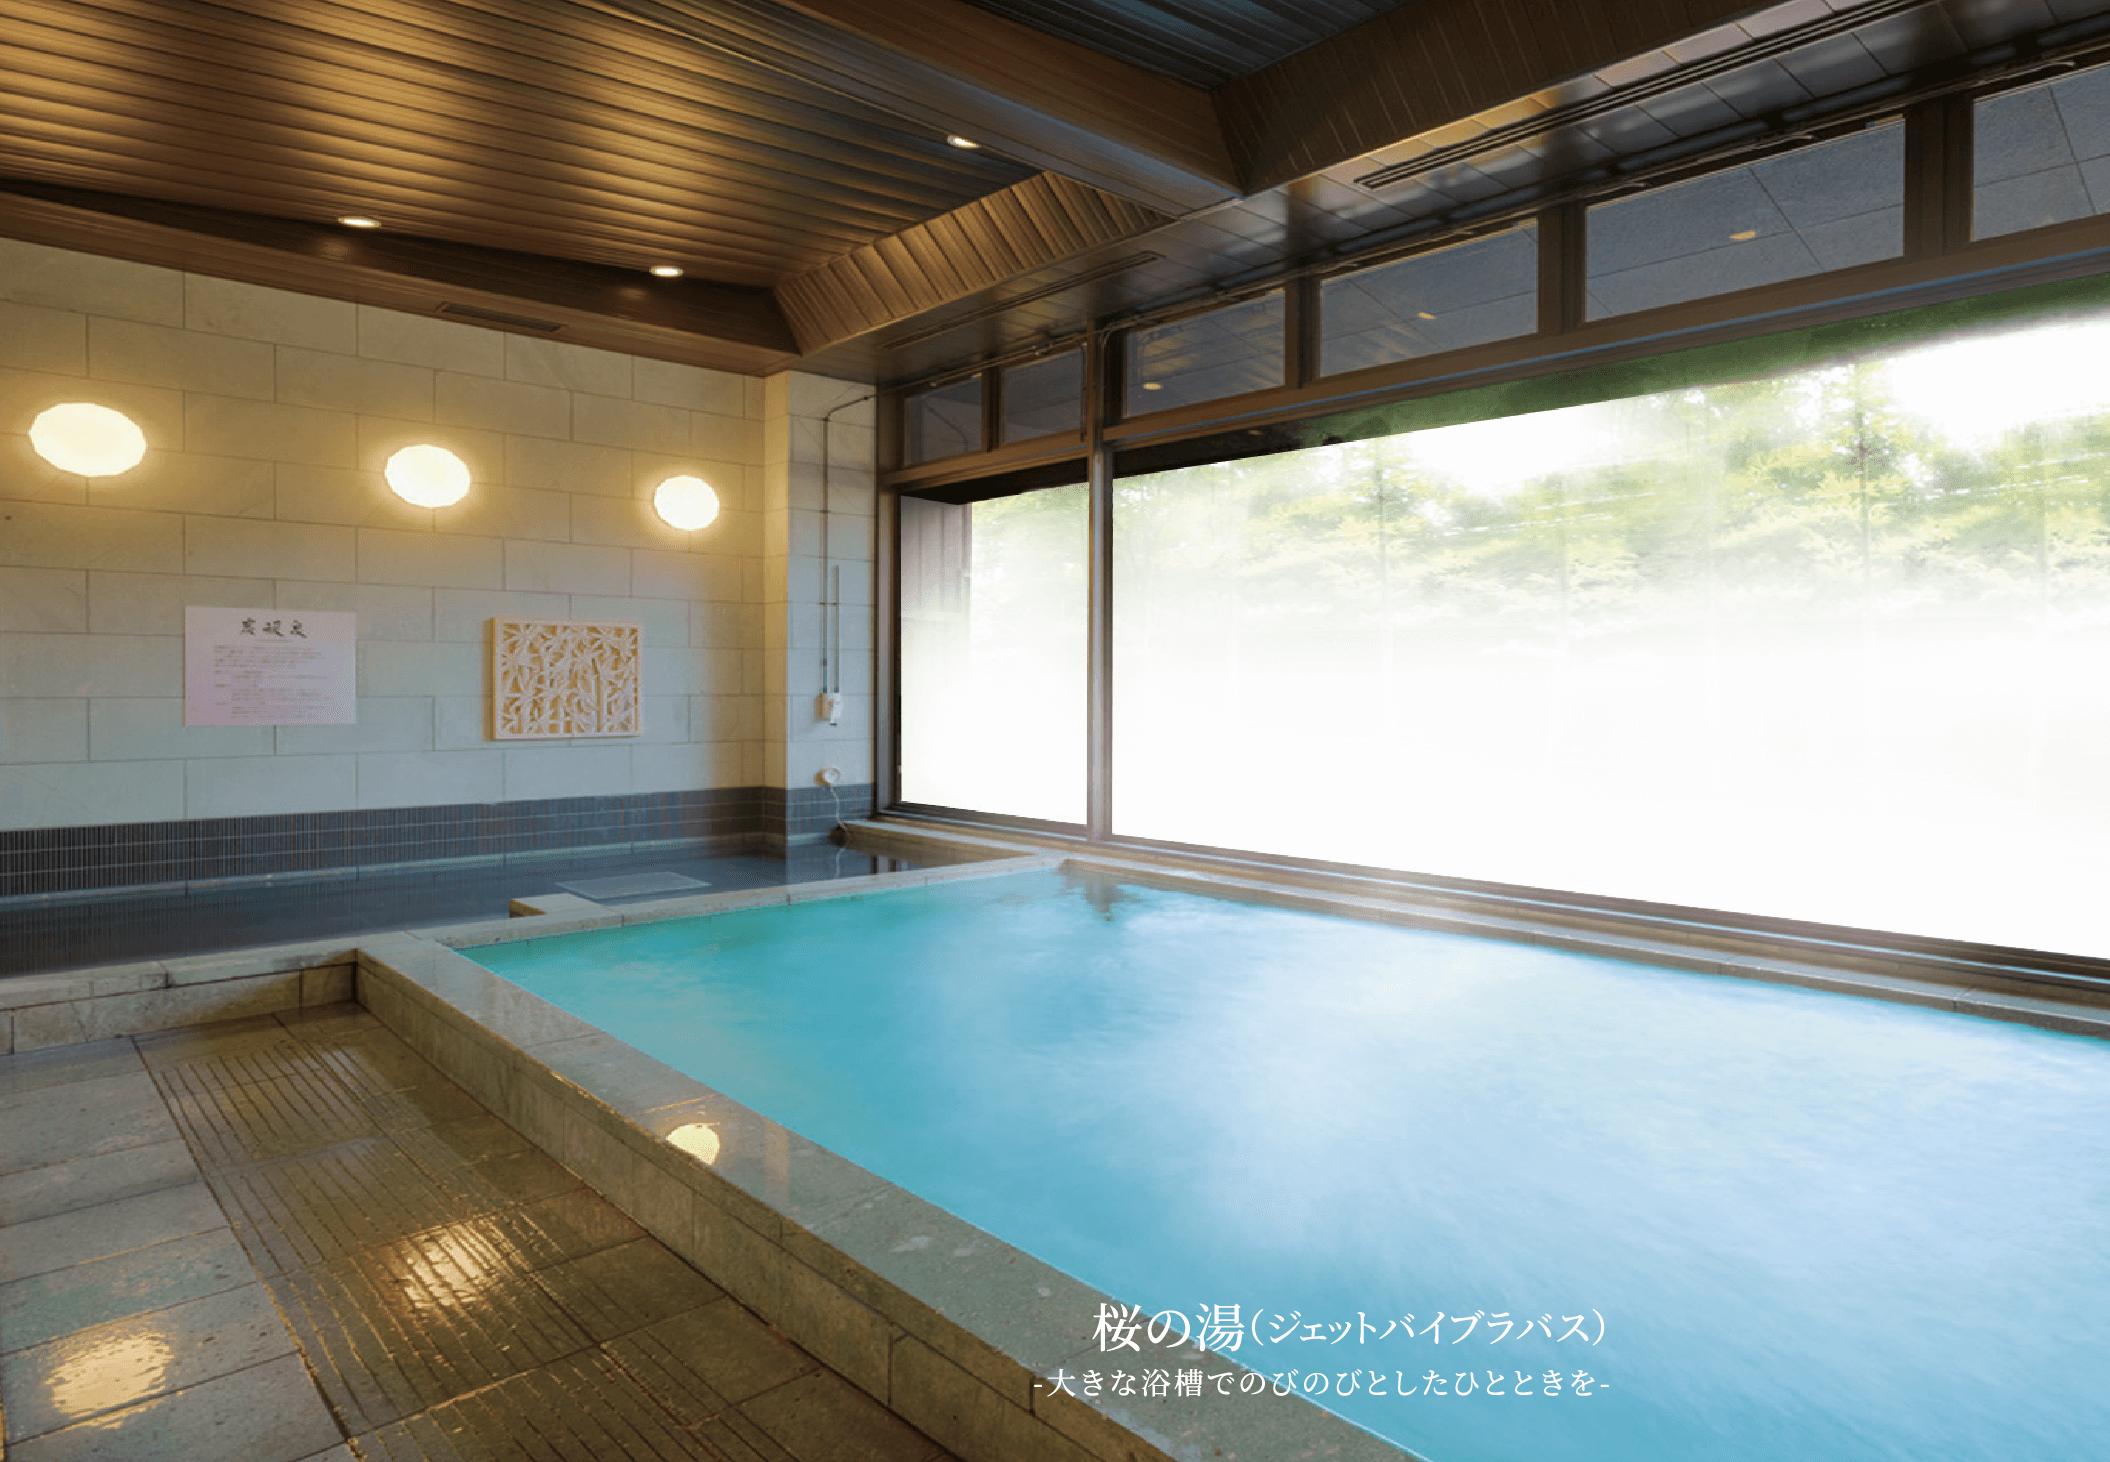 桜の湯(ジェットバイブラバス)-大きな浴槽でのびのびとしたひとときを-